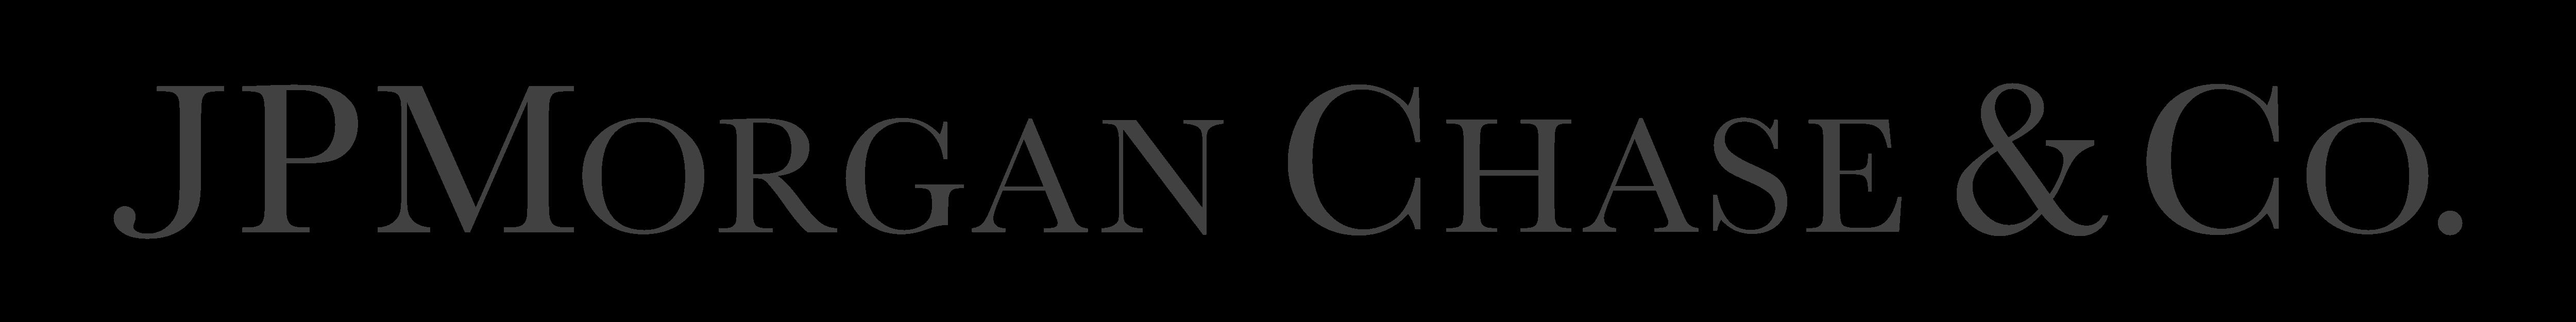 JPMorgan_Chase___Co.png